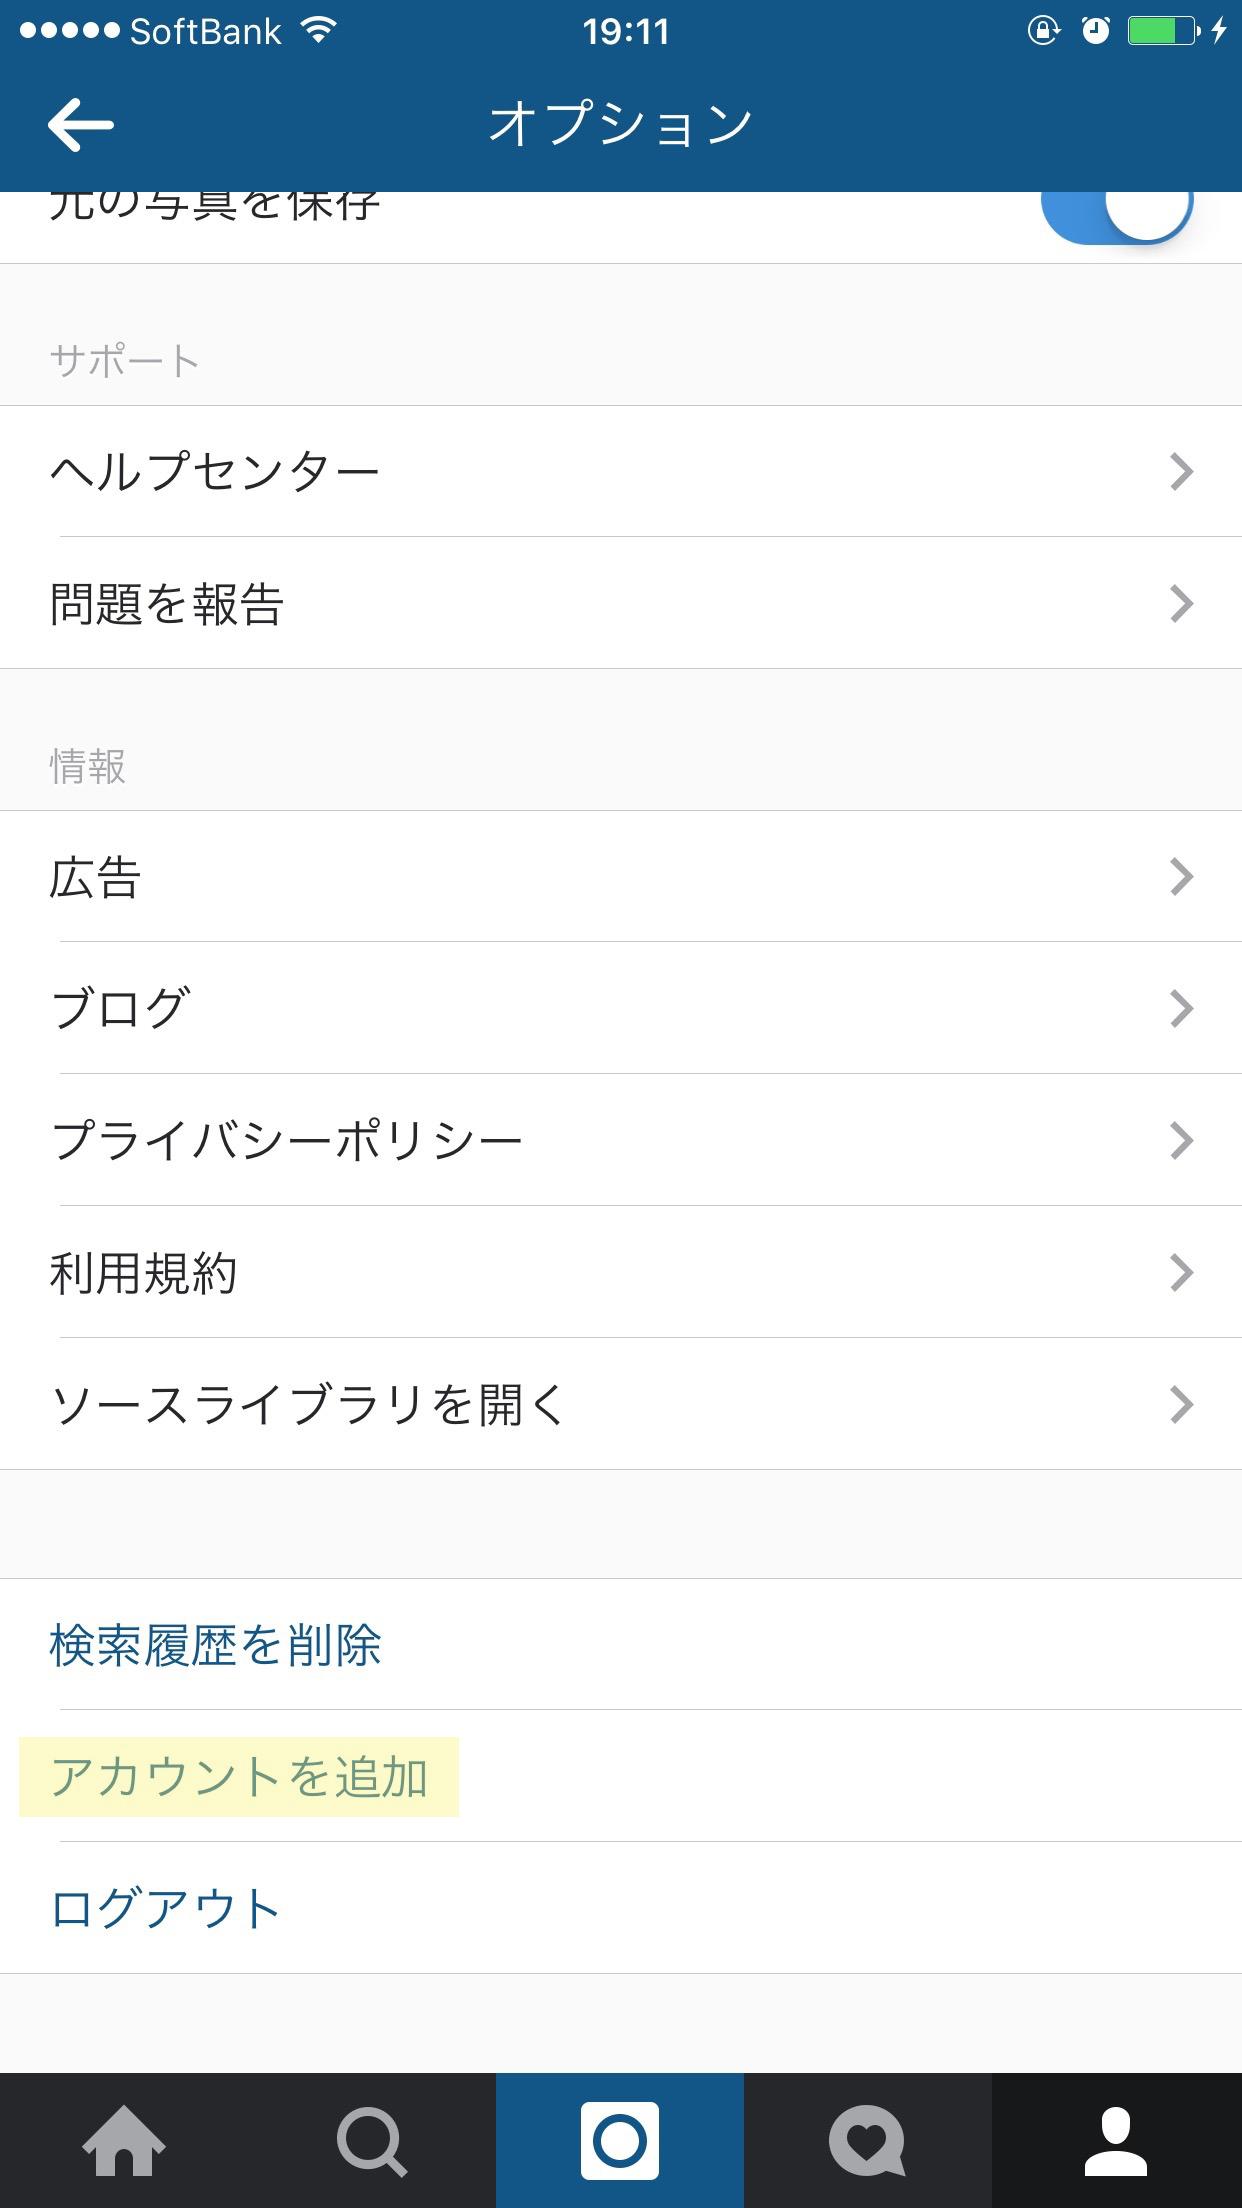 インスタグラムのアプリでの複数アカウントが利用可能に